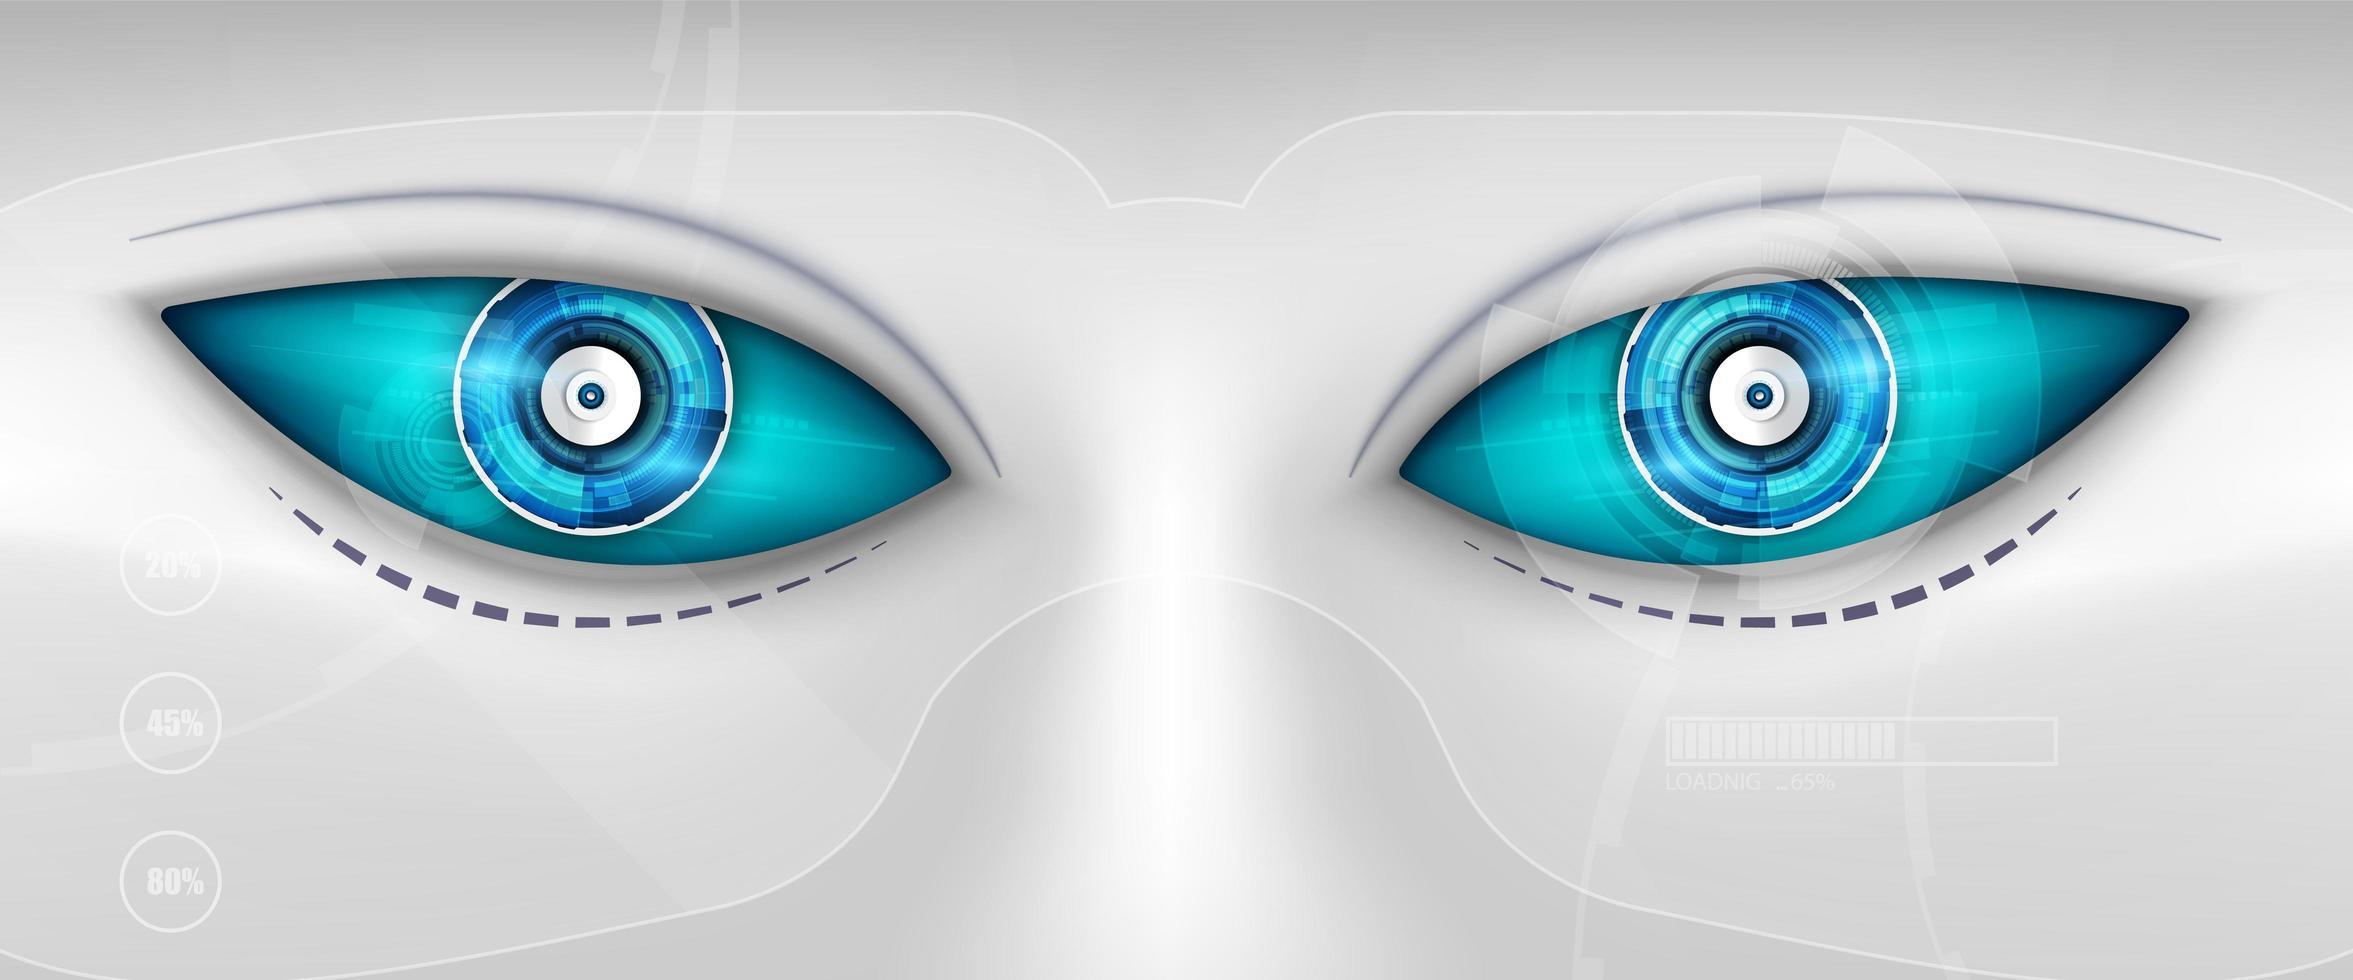 occhio del robot. interfaccia hud futuristica vettore